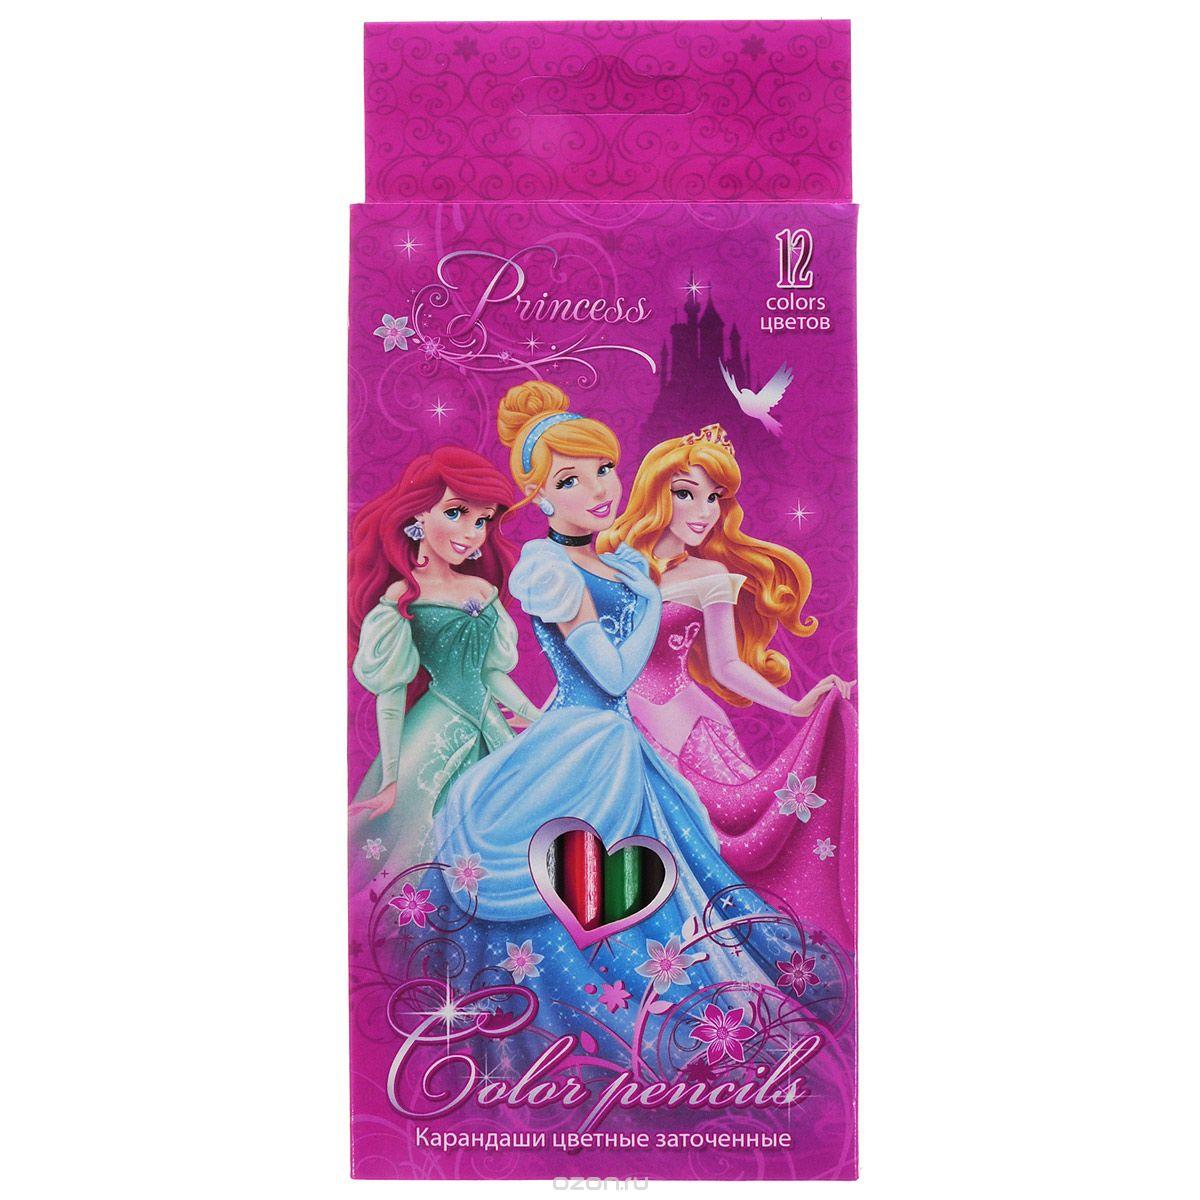 Набор цветных карандашей, 12 шт. Цветные карандаши длиной 17,8 см; заточенные; дерево ; цветной грифель 3 мм; карандаш в цвет грифеля с логотипом; Коробка из мелованного картона, раздвижная, европодвес. PrincessPRBB-US1-1P-12Набор цветных карандашей Princess состоит из двенадцати ярких и насыщенных цветов. Карандаши уже заточены, поэтому все, что нужно для рисования - это взять чистый лист бумаги, и можно начинать! Поверхность: Бумага. Упаковка: .